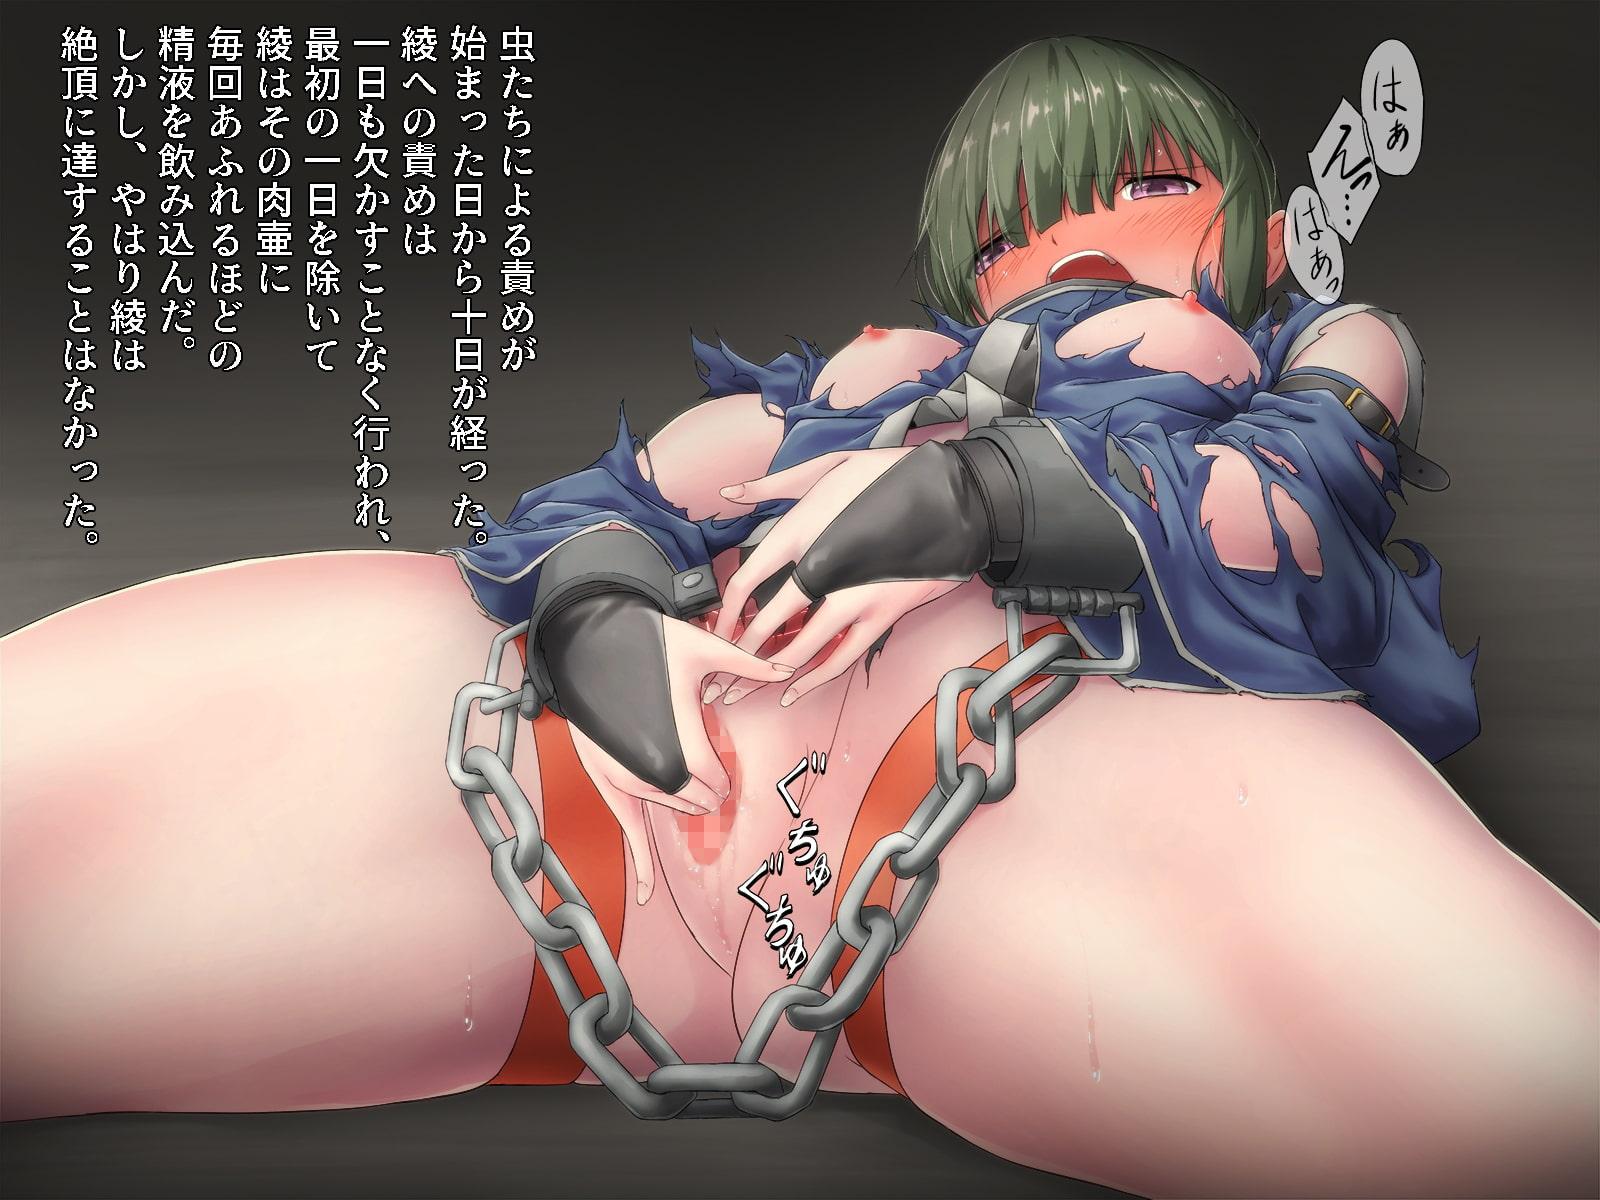 くノ一異種姦拷問絵巻6